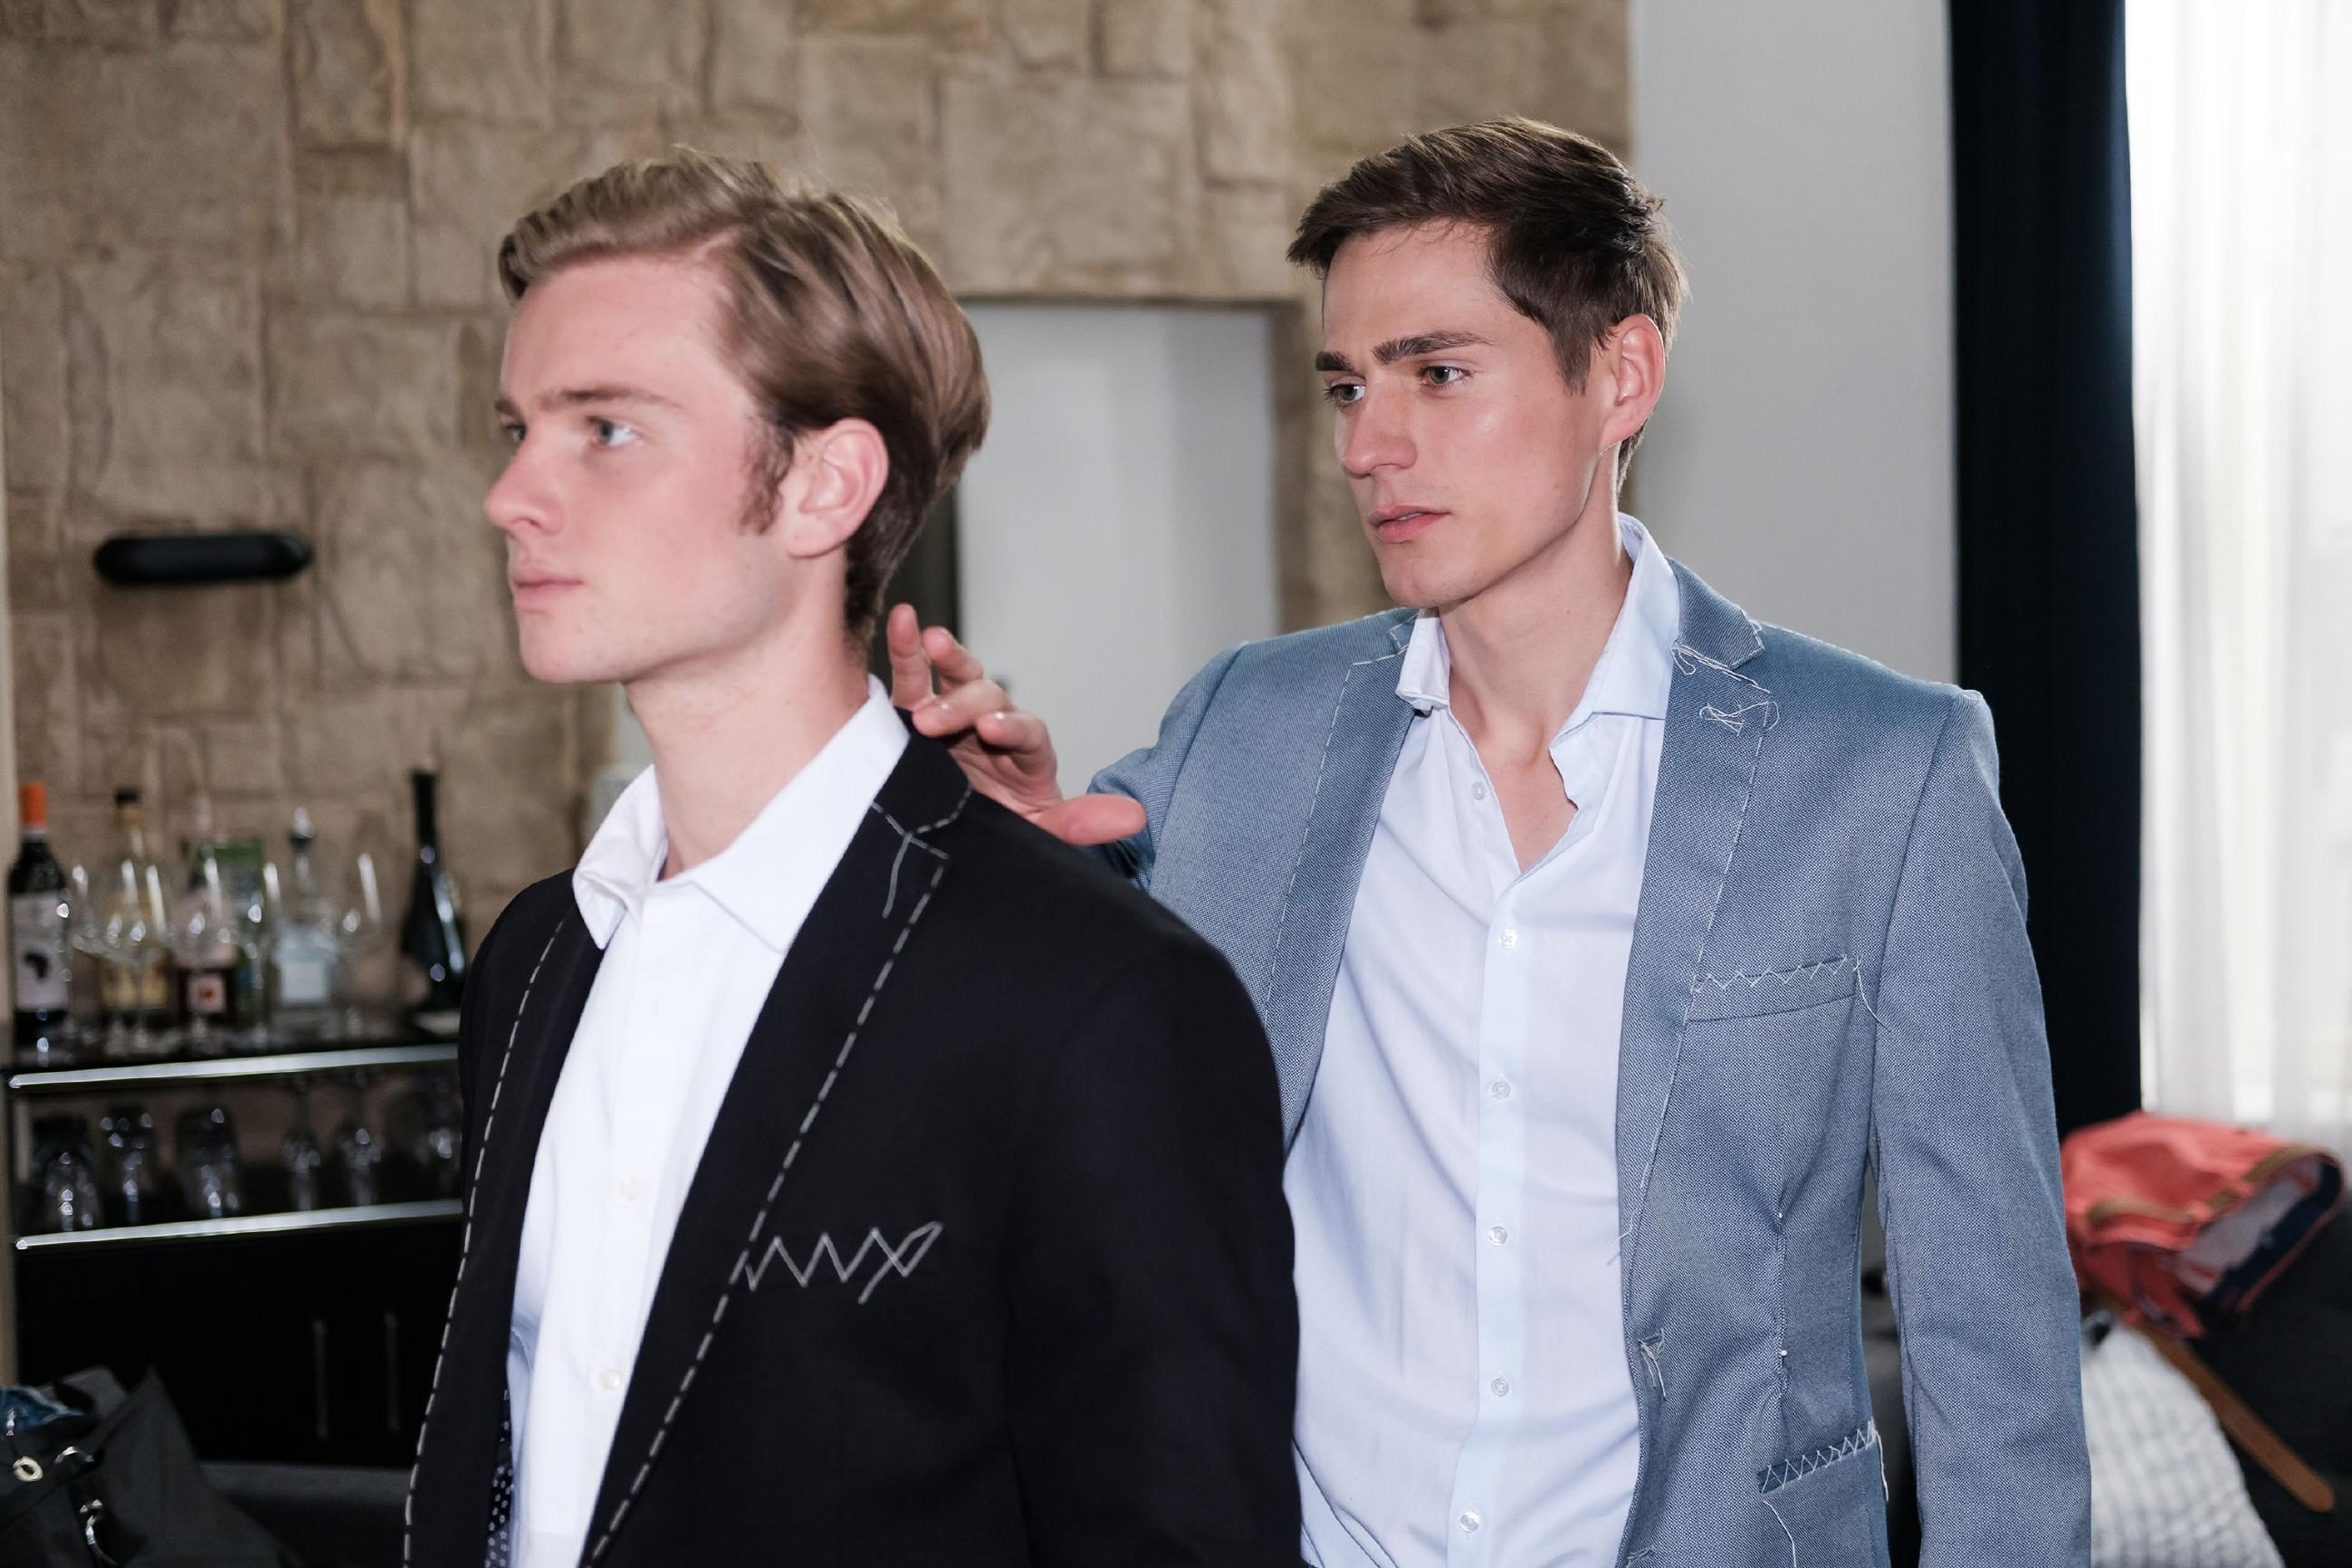 Bei dem gemeinsamen Termin beim Schneider gerät Ringo (Timothy Boldt, r.) bei Valentin (Aaron Koszuta) in Versuchung... (Quelle: RTL / Stefan Behrens)